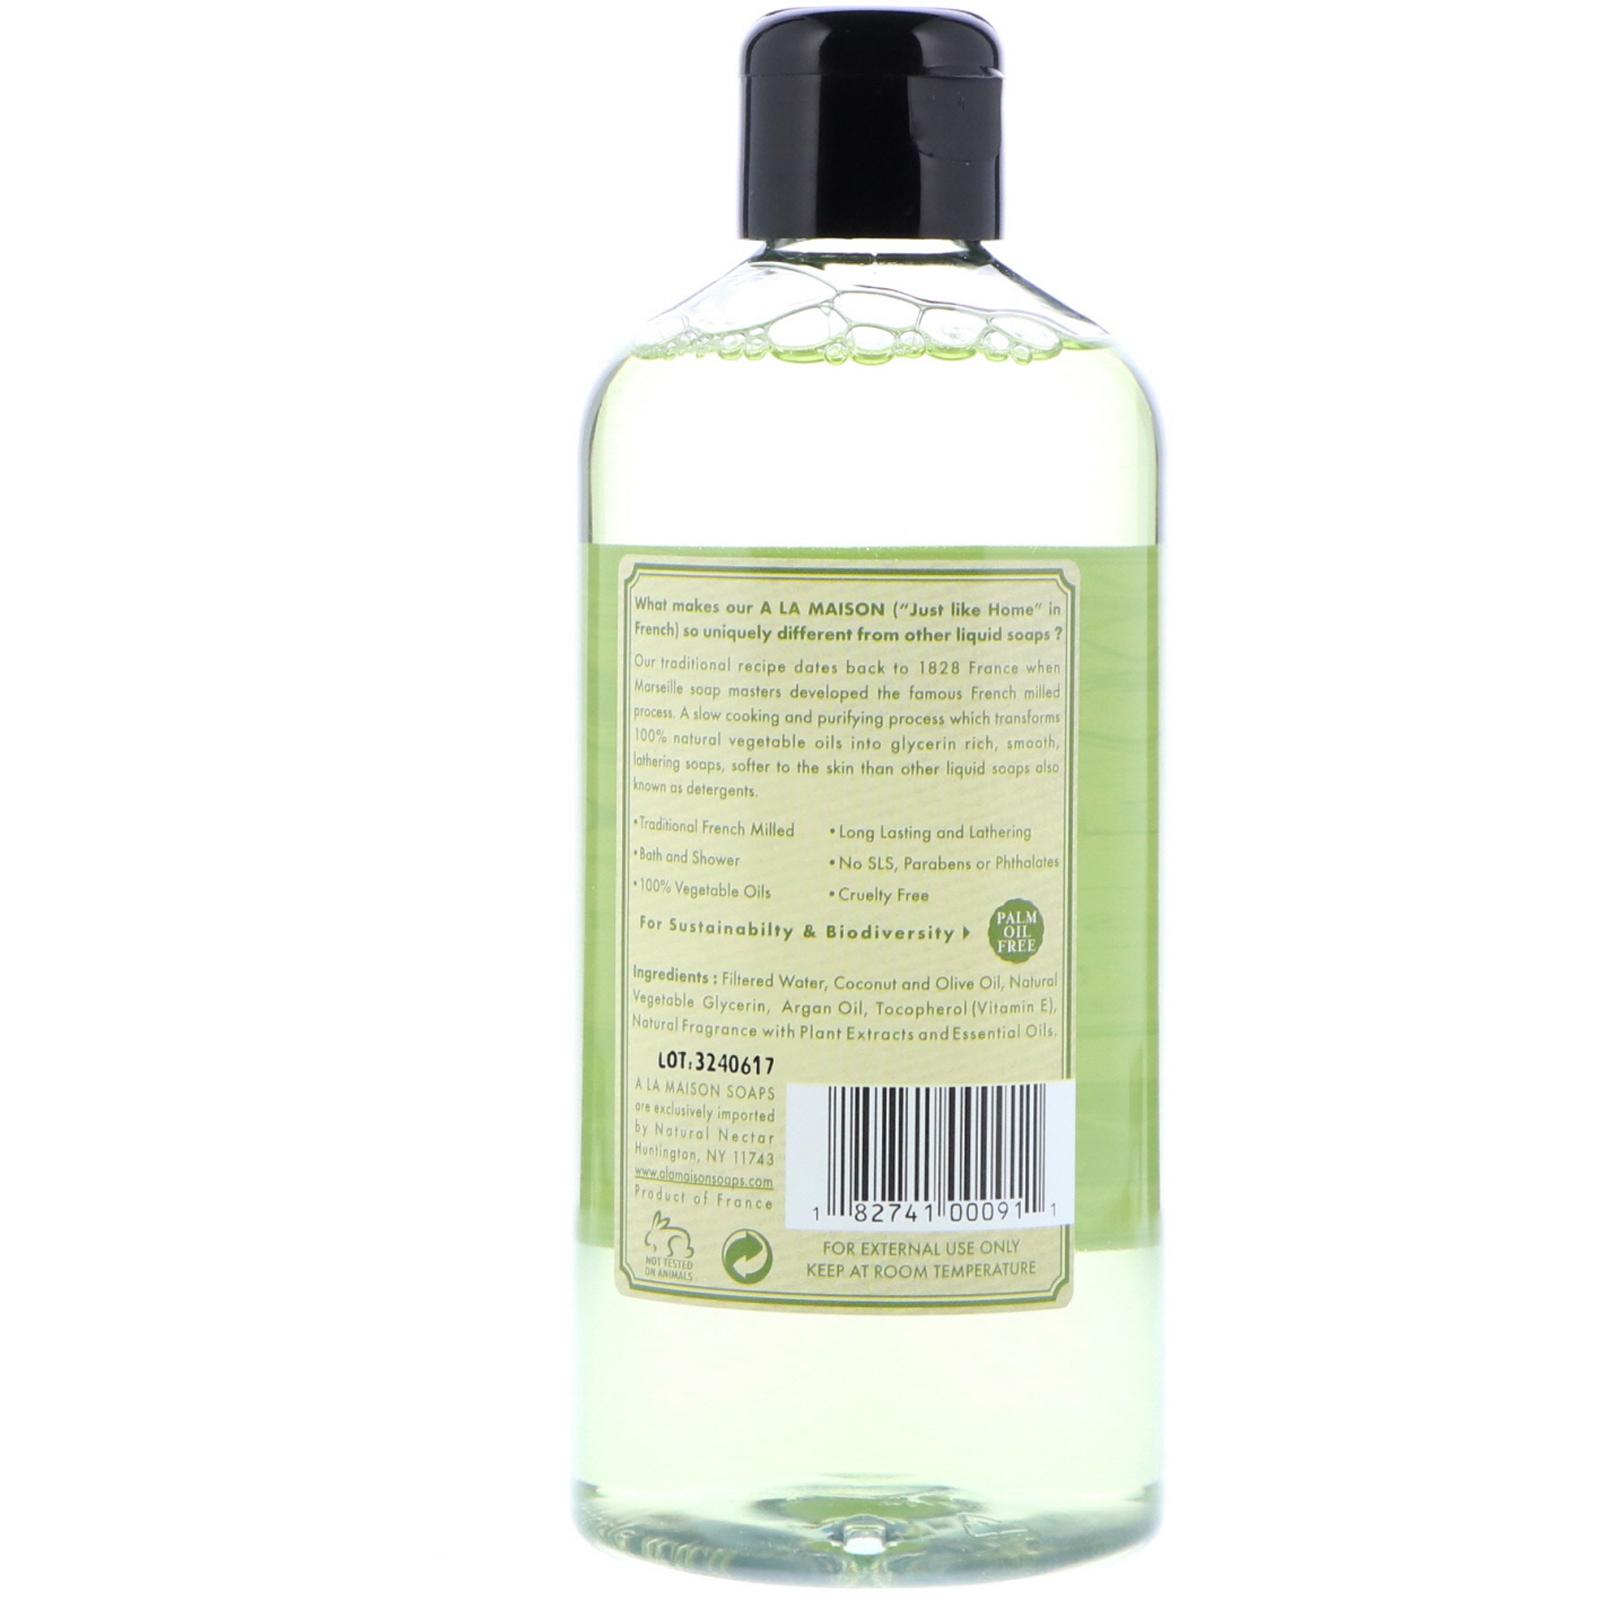 A La Maison de Provence, Bath & Shower Liquid Soap, Rosemary Mint, 16 9 fl  oz (500 ml)